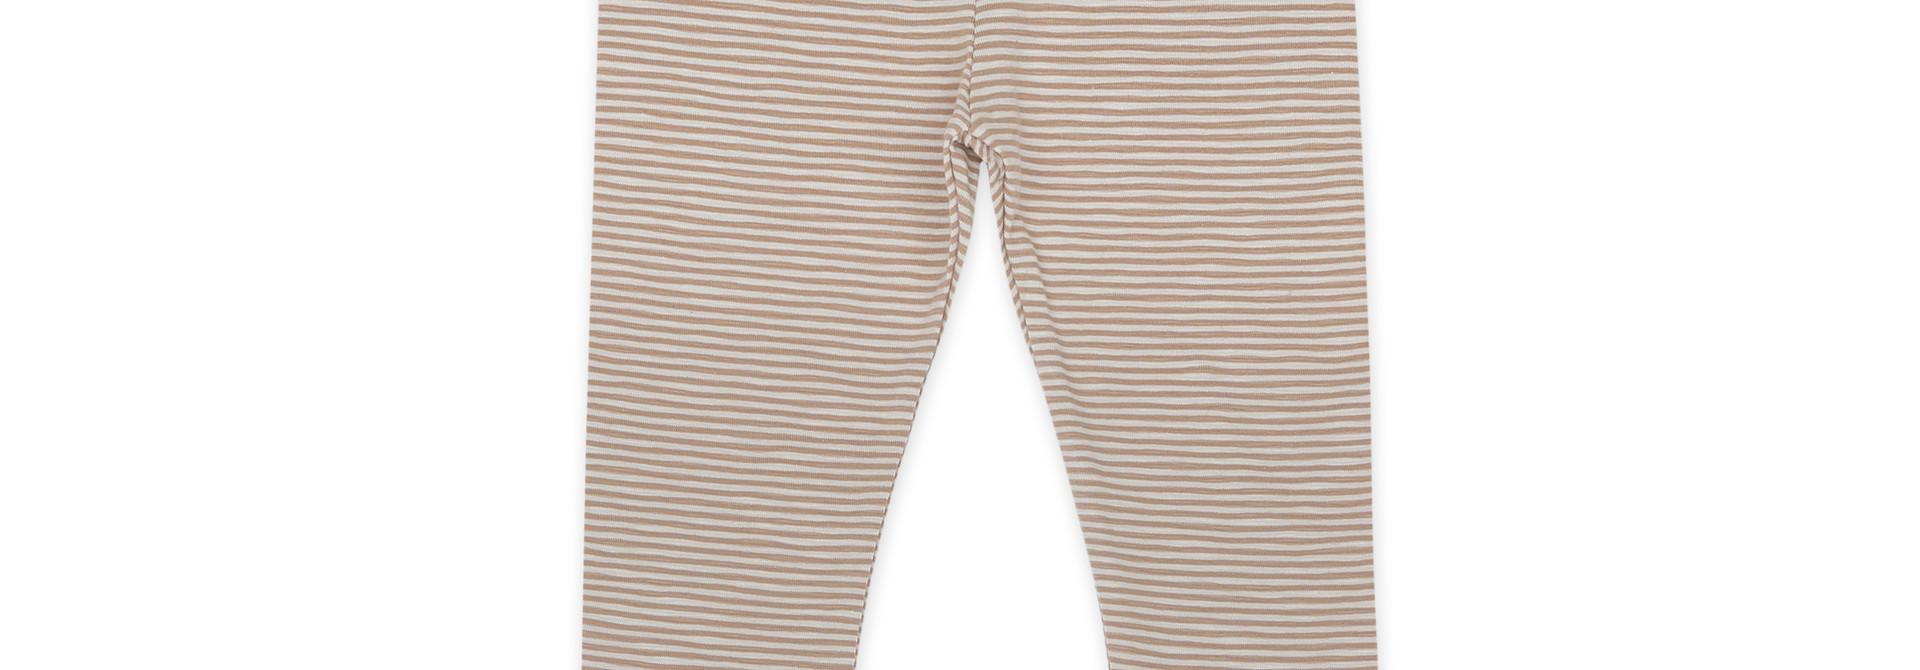 Leggings stripes - dusty nude stripe